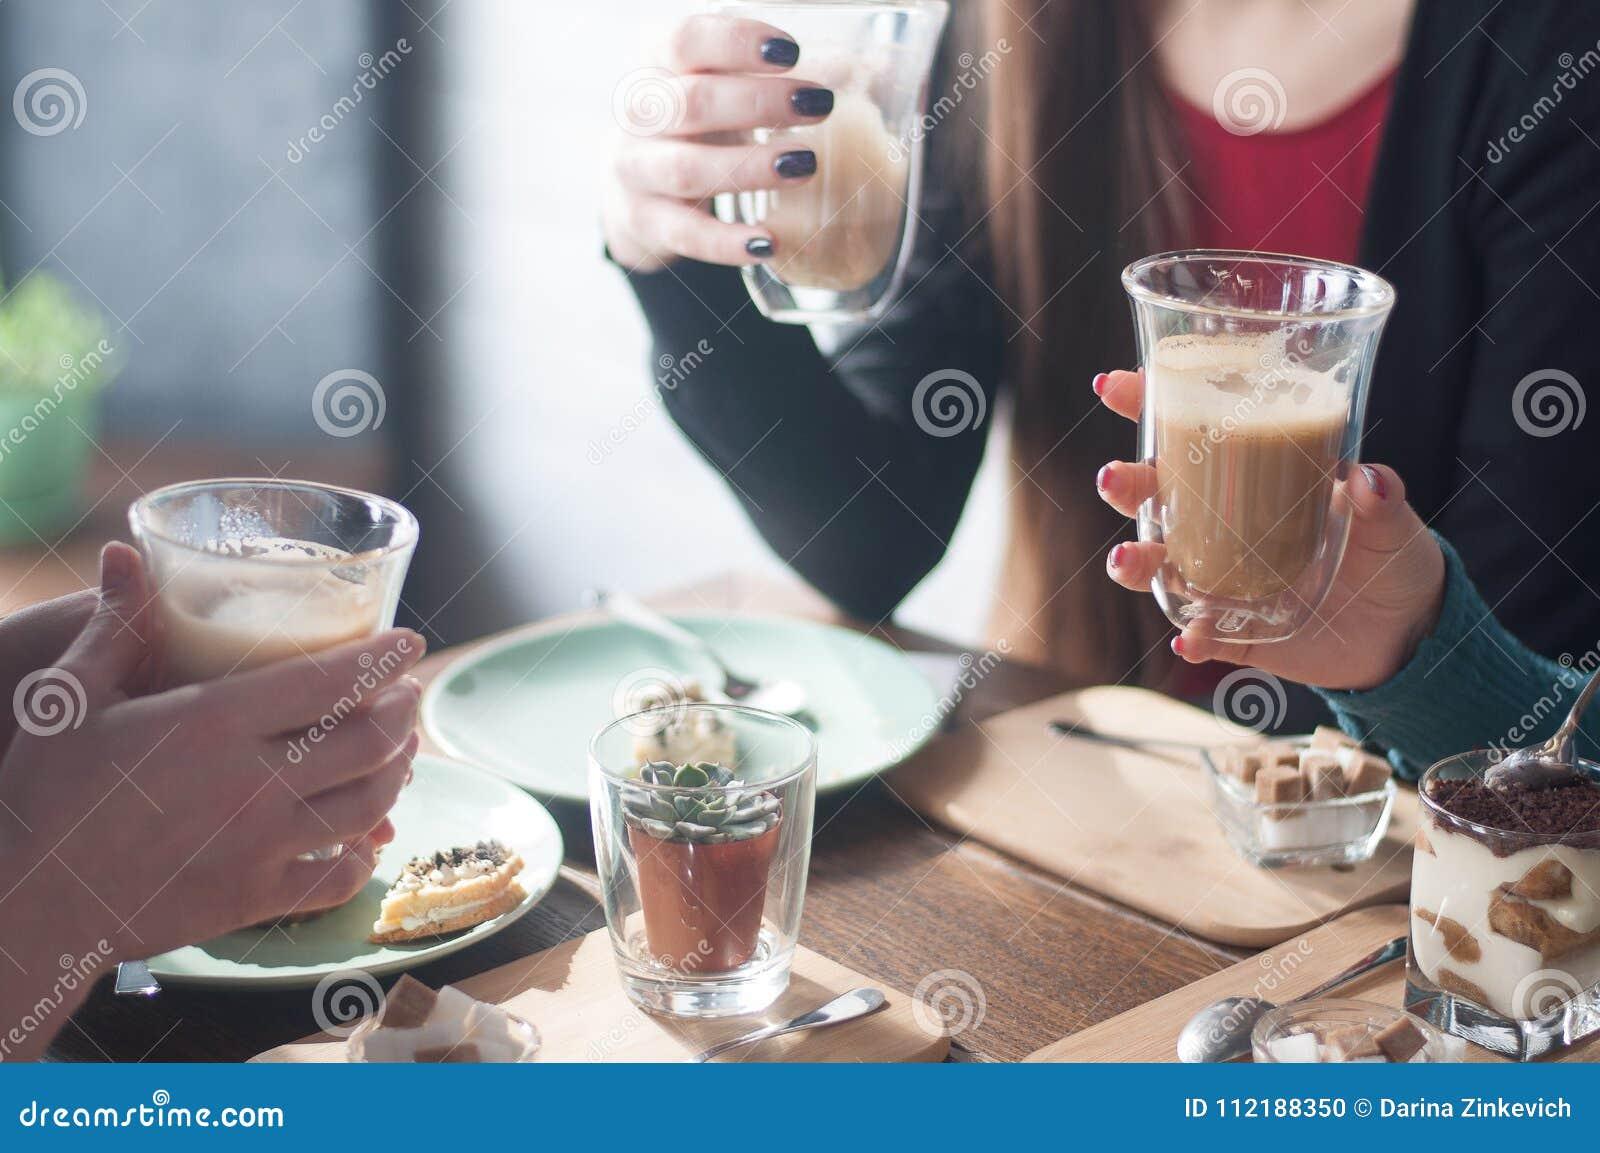 Koffie, melk, kop, heerlijke handen, dessert, comfortabele koffie, zonnige dag, rode spijkers, vrienden, pretbedrijf, mededeling